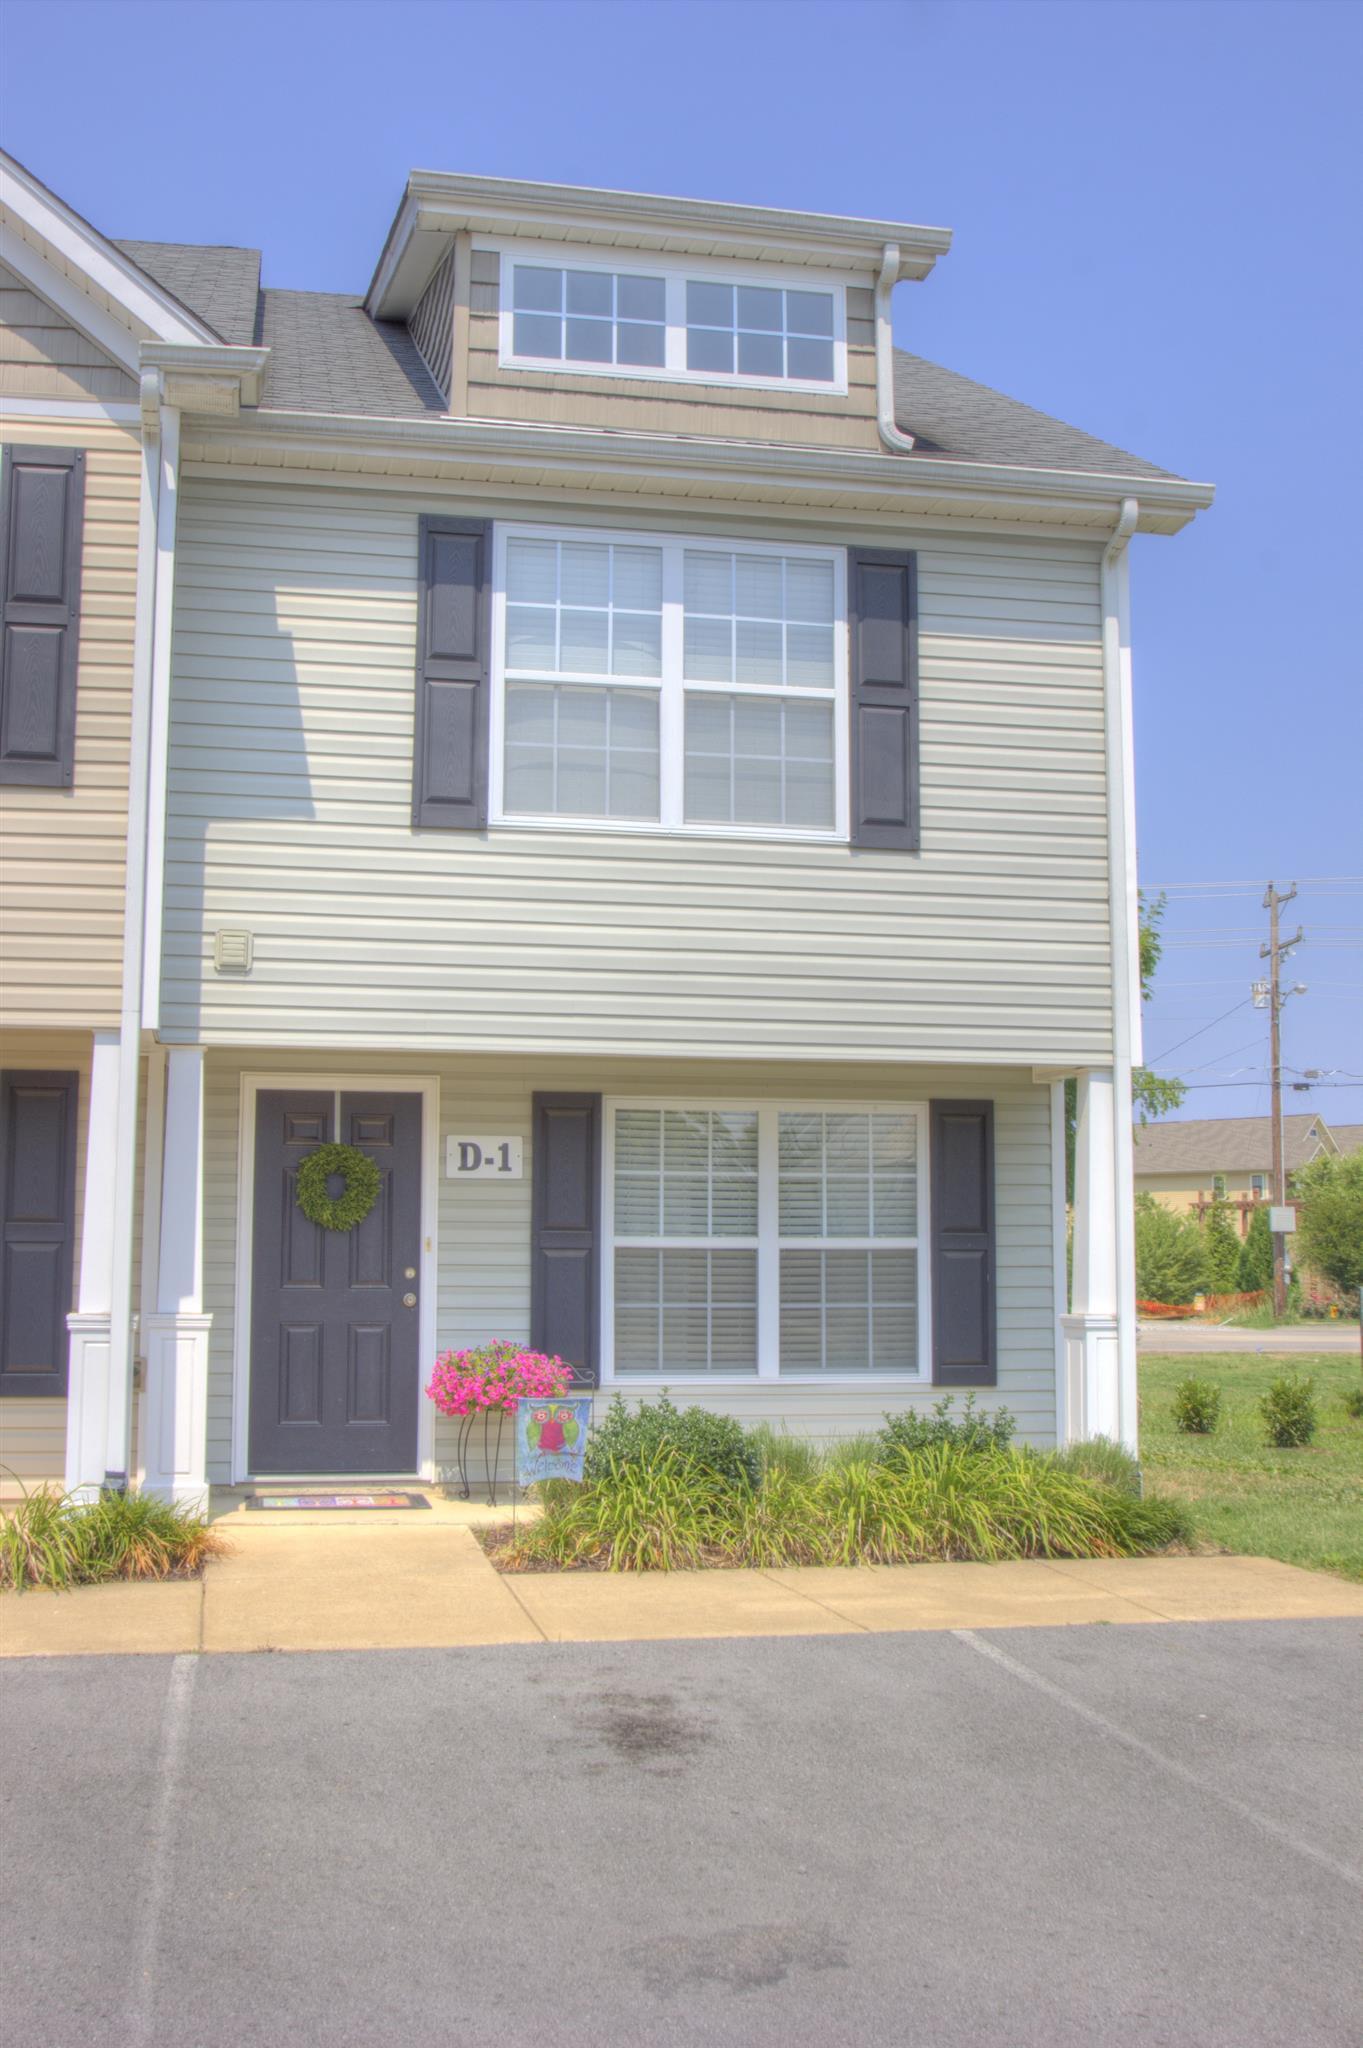 Photo of 2961 S Rutherford Blvd  Murfreesboro  TN